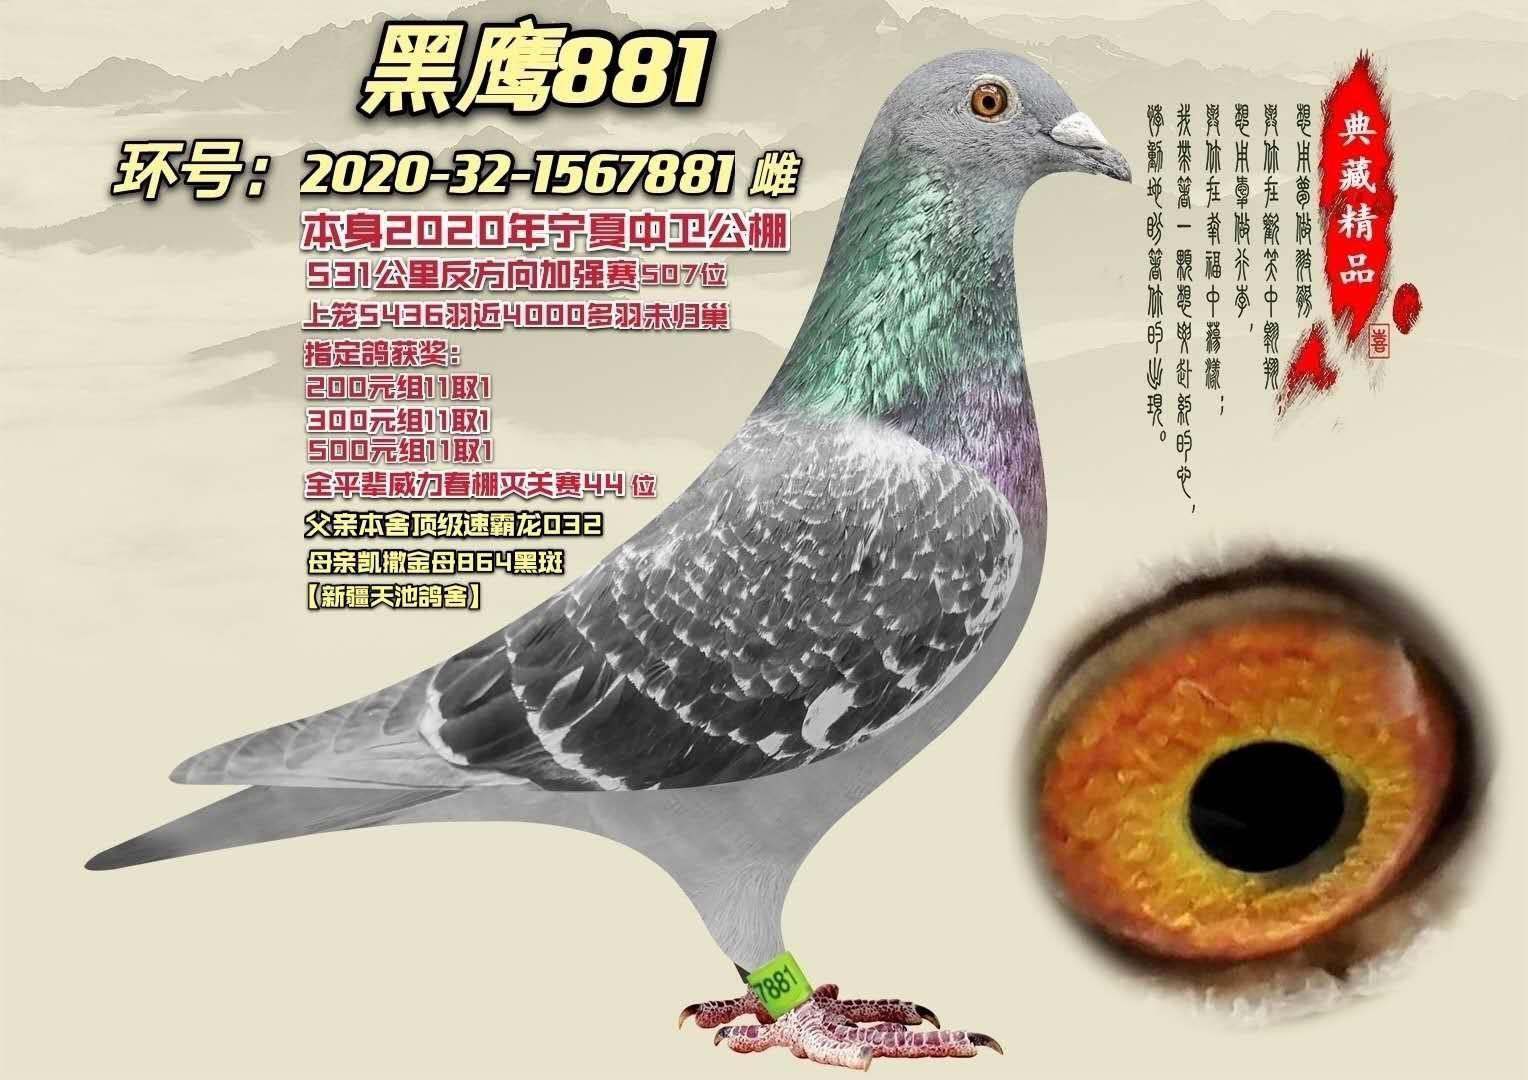 黑鹰881